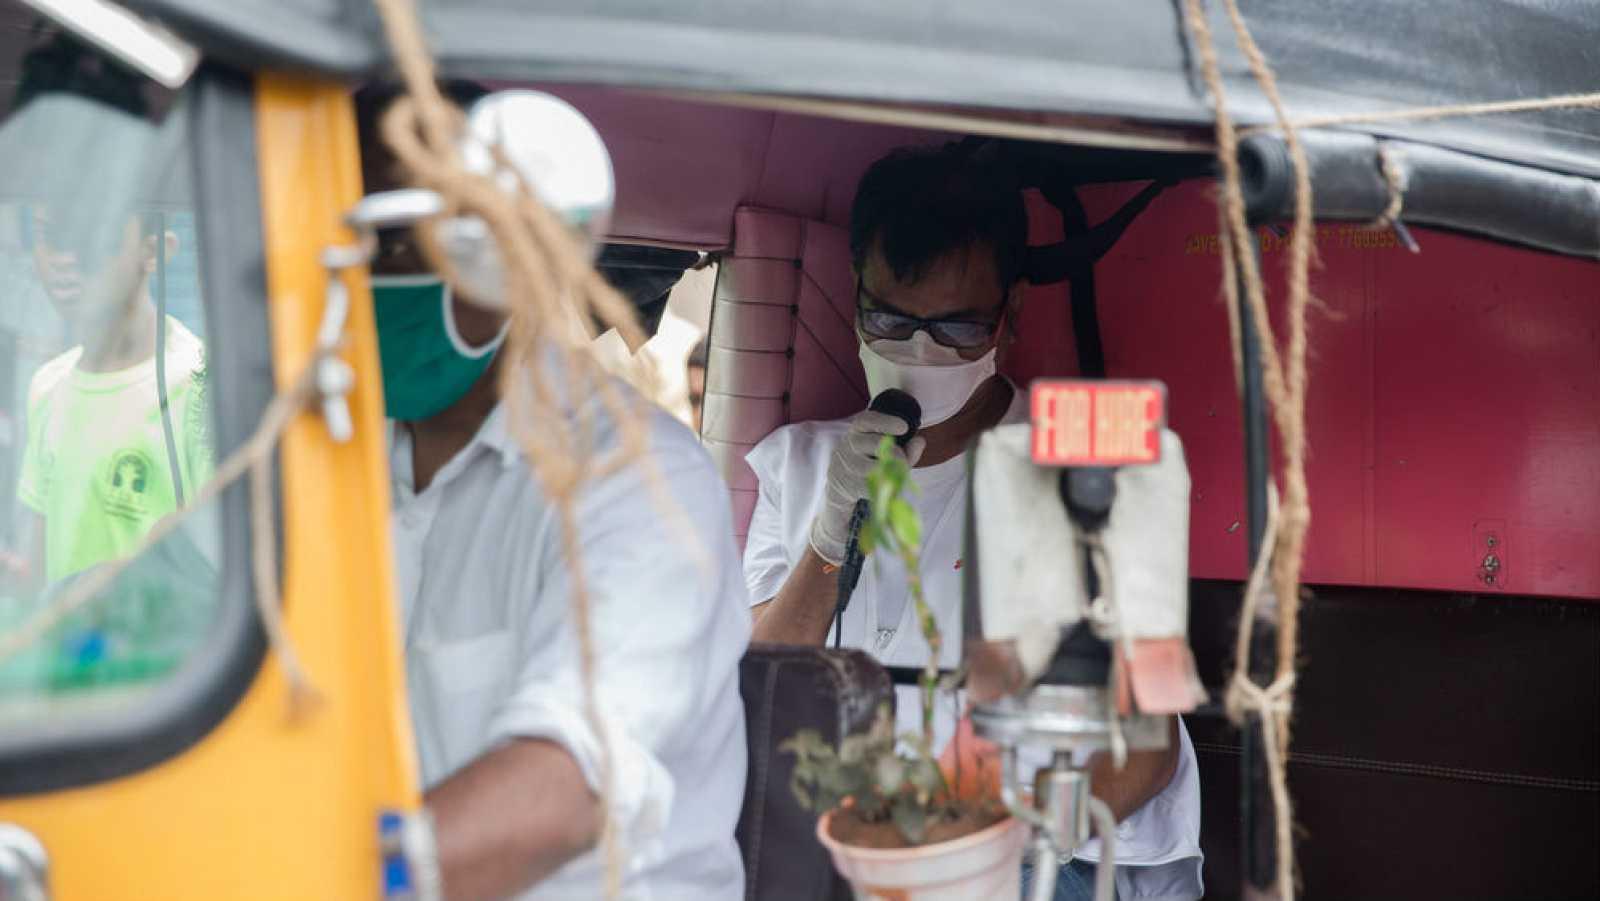 Ganpat anuncia por megafonía en un rickshaw las precauciones de salud y seguridad mientras recorre los suburbios de Govandi este (Bombay).